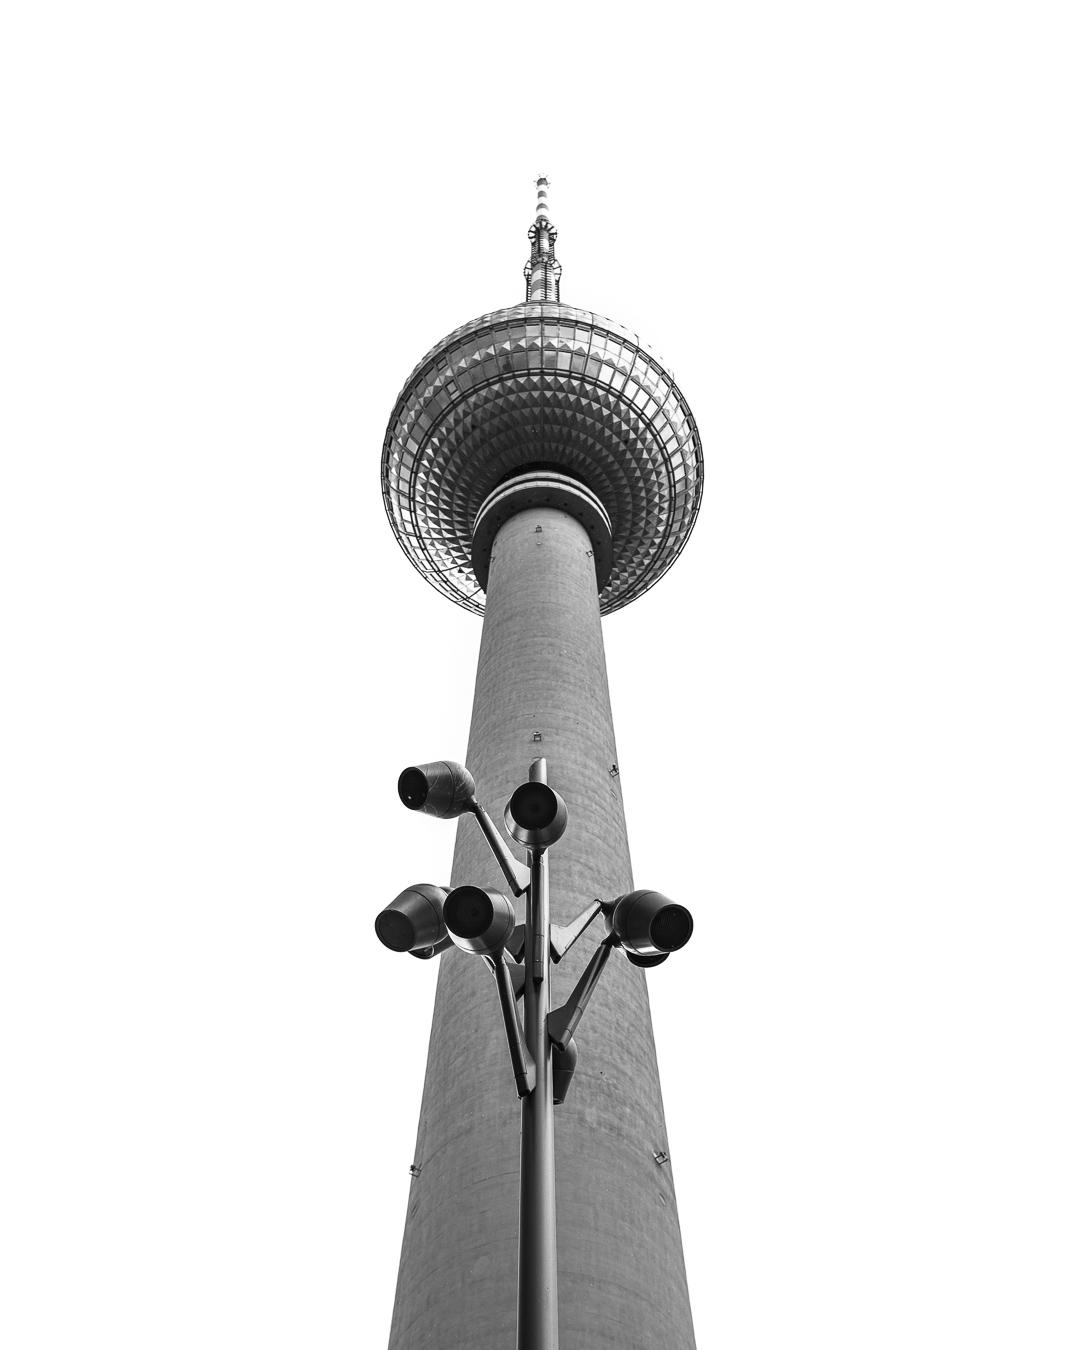 Berliner Fernsehturm, 2018